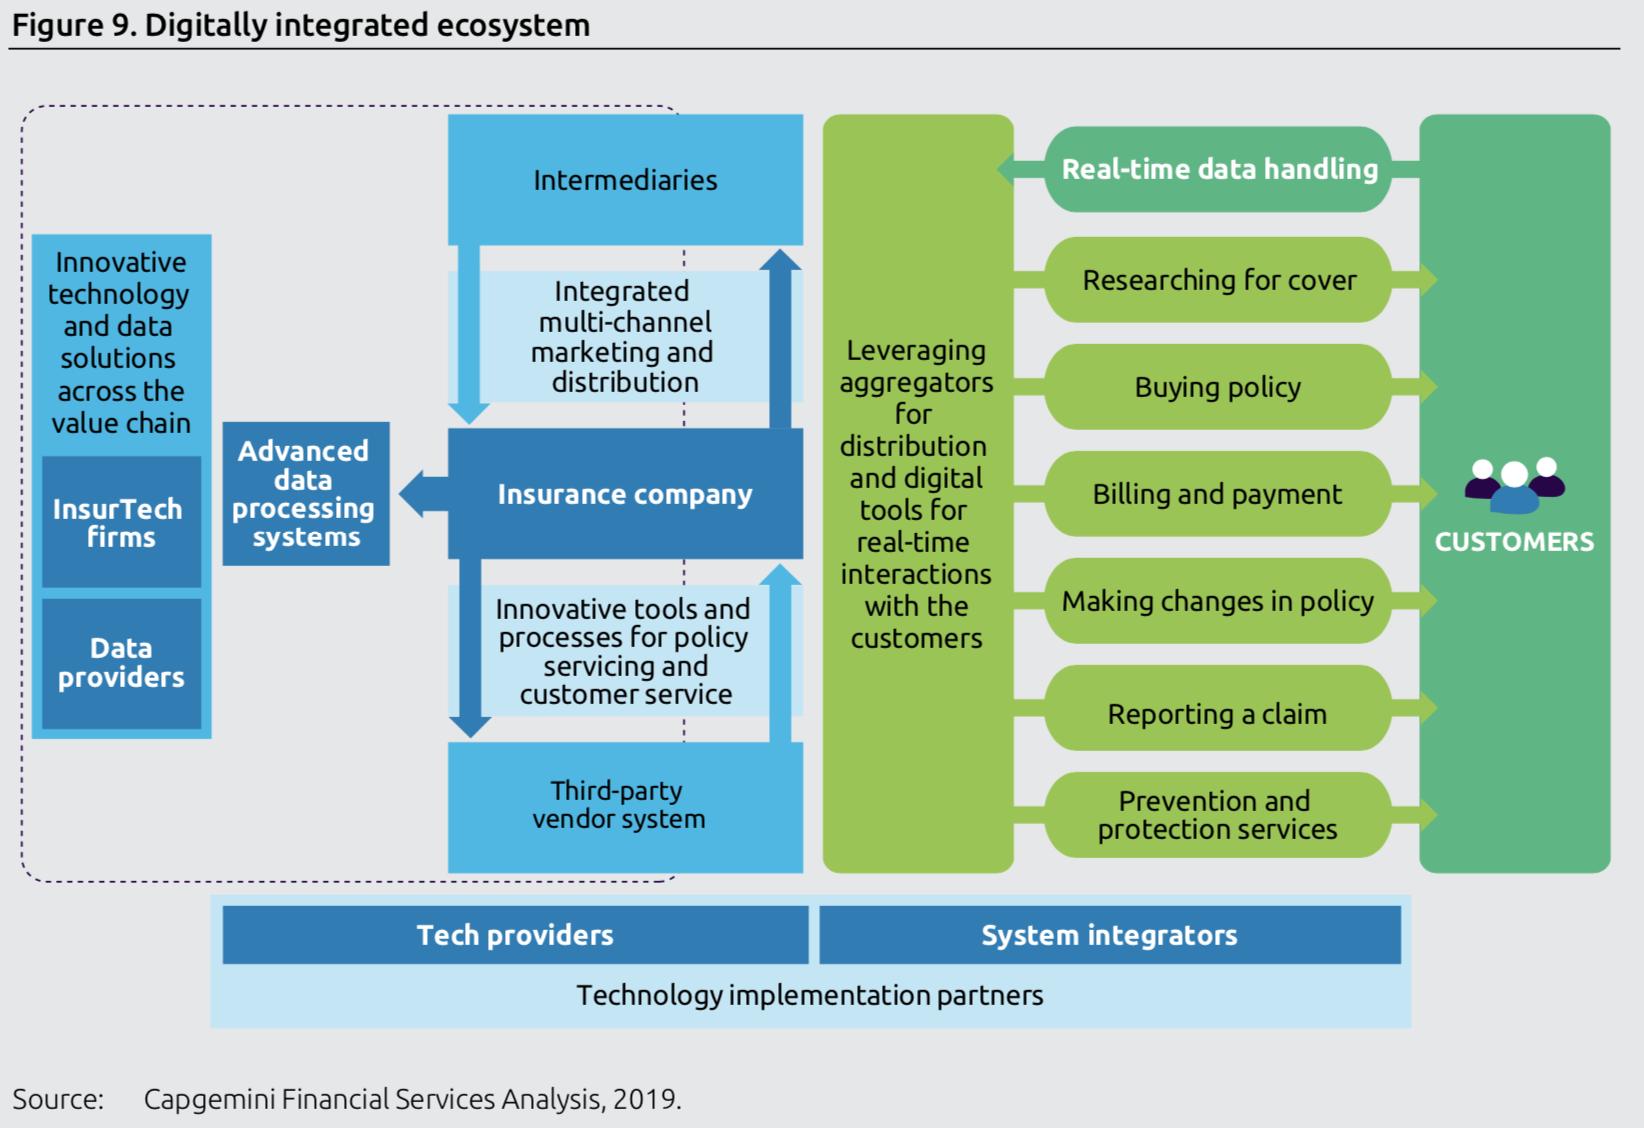 数字化整合生态系统